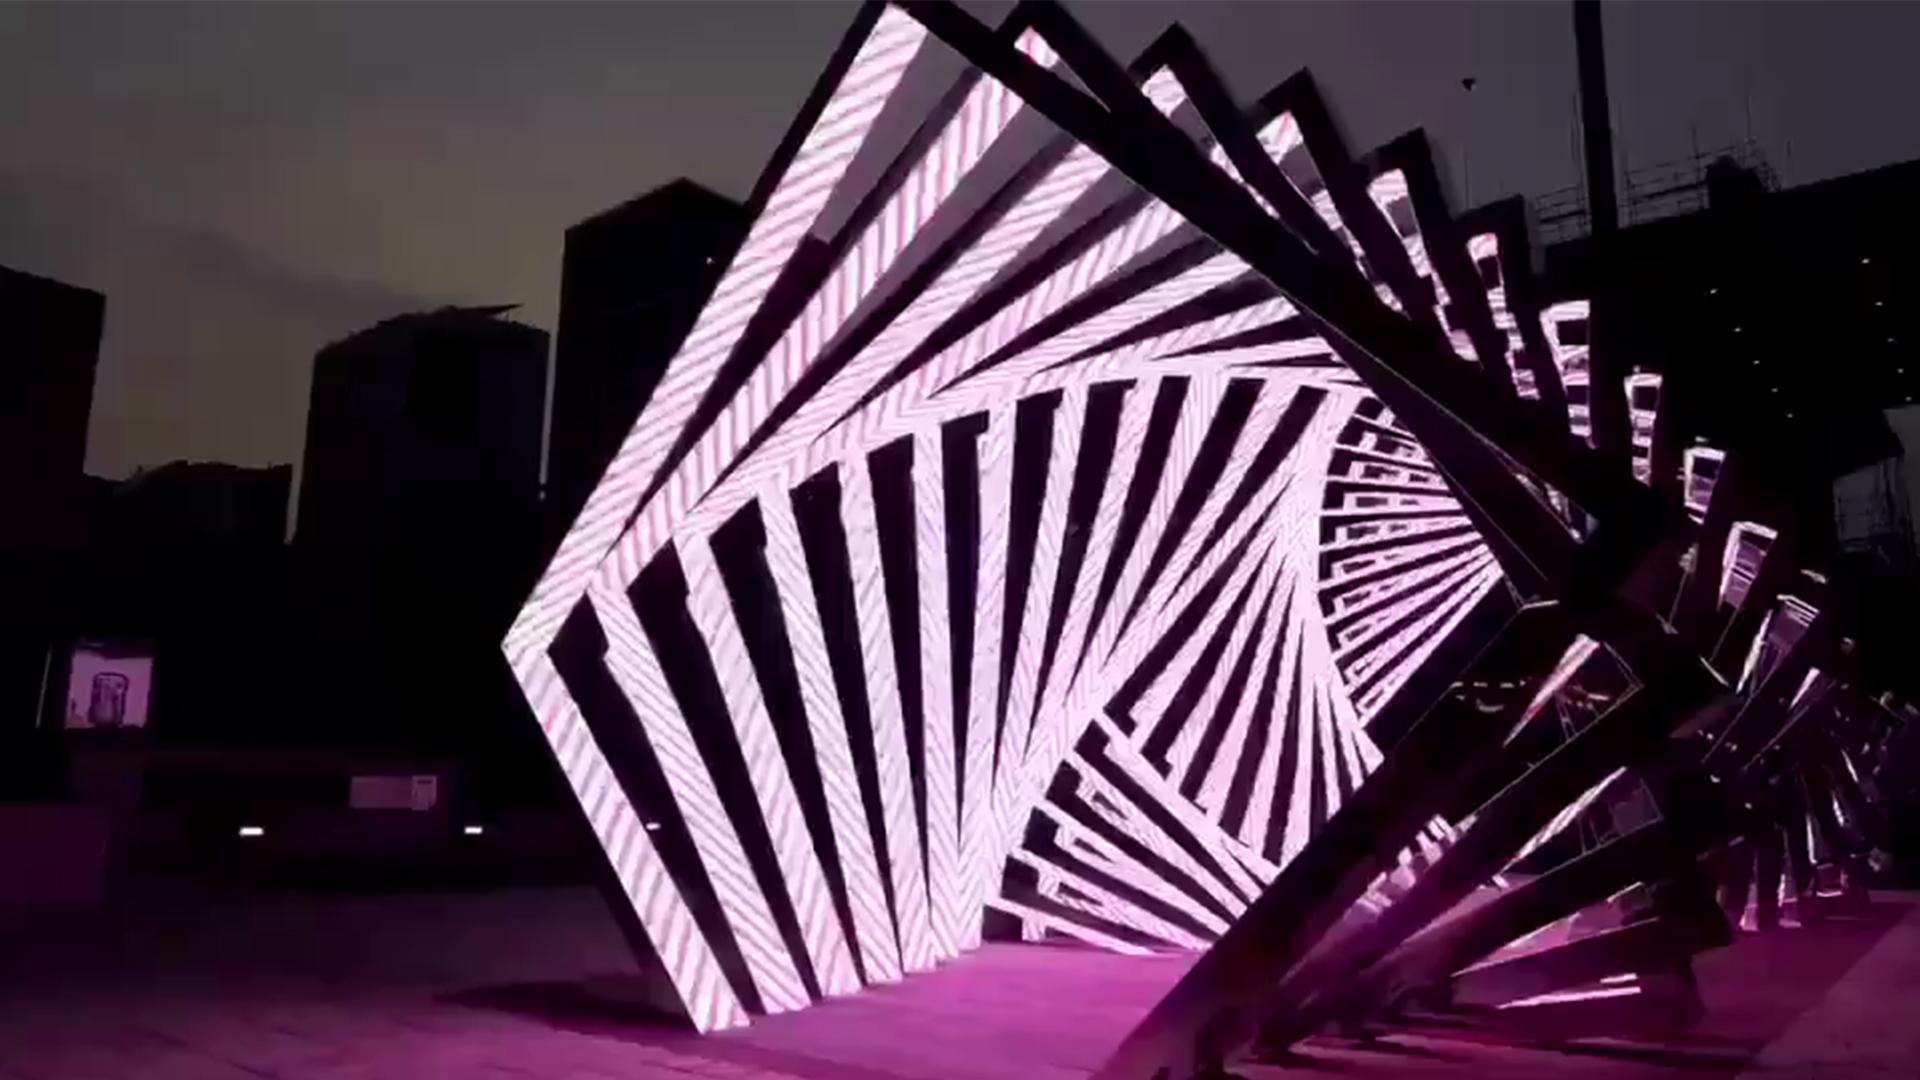 韩国户外时光隧道LED显示屏